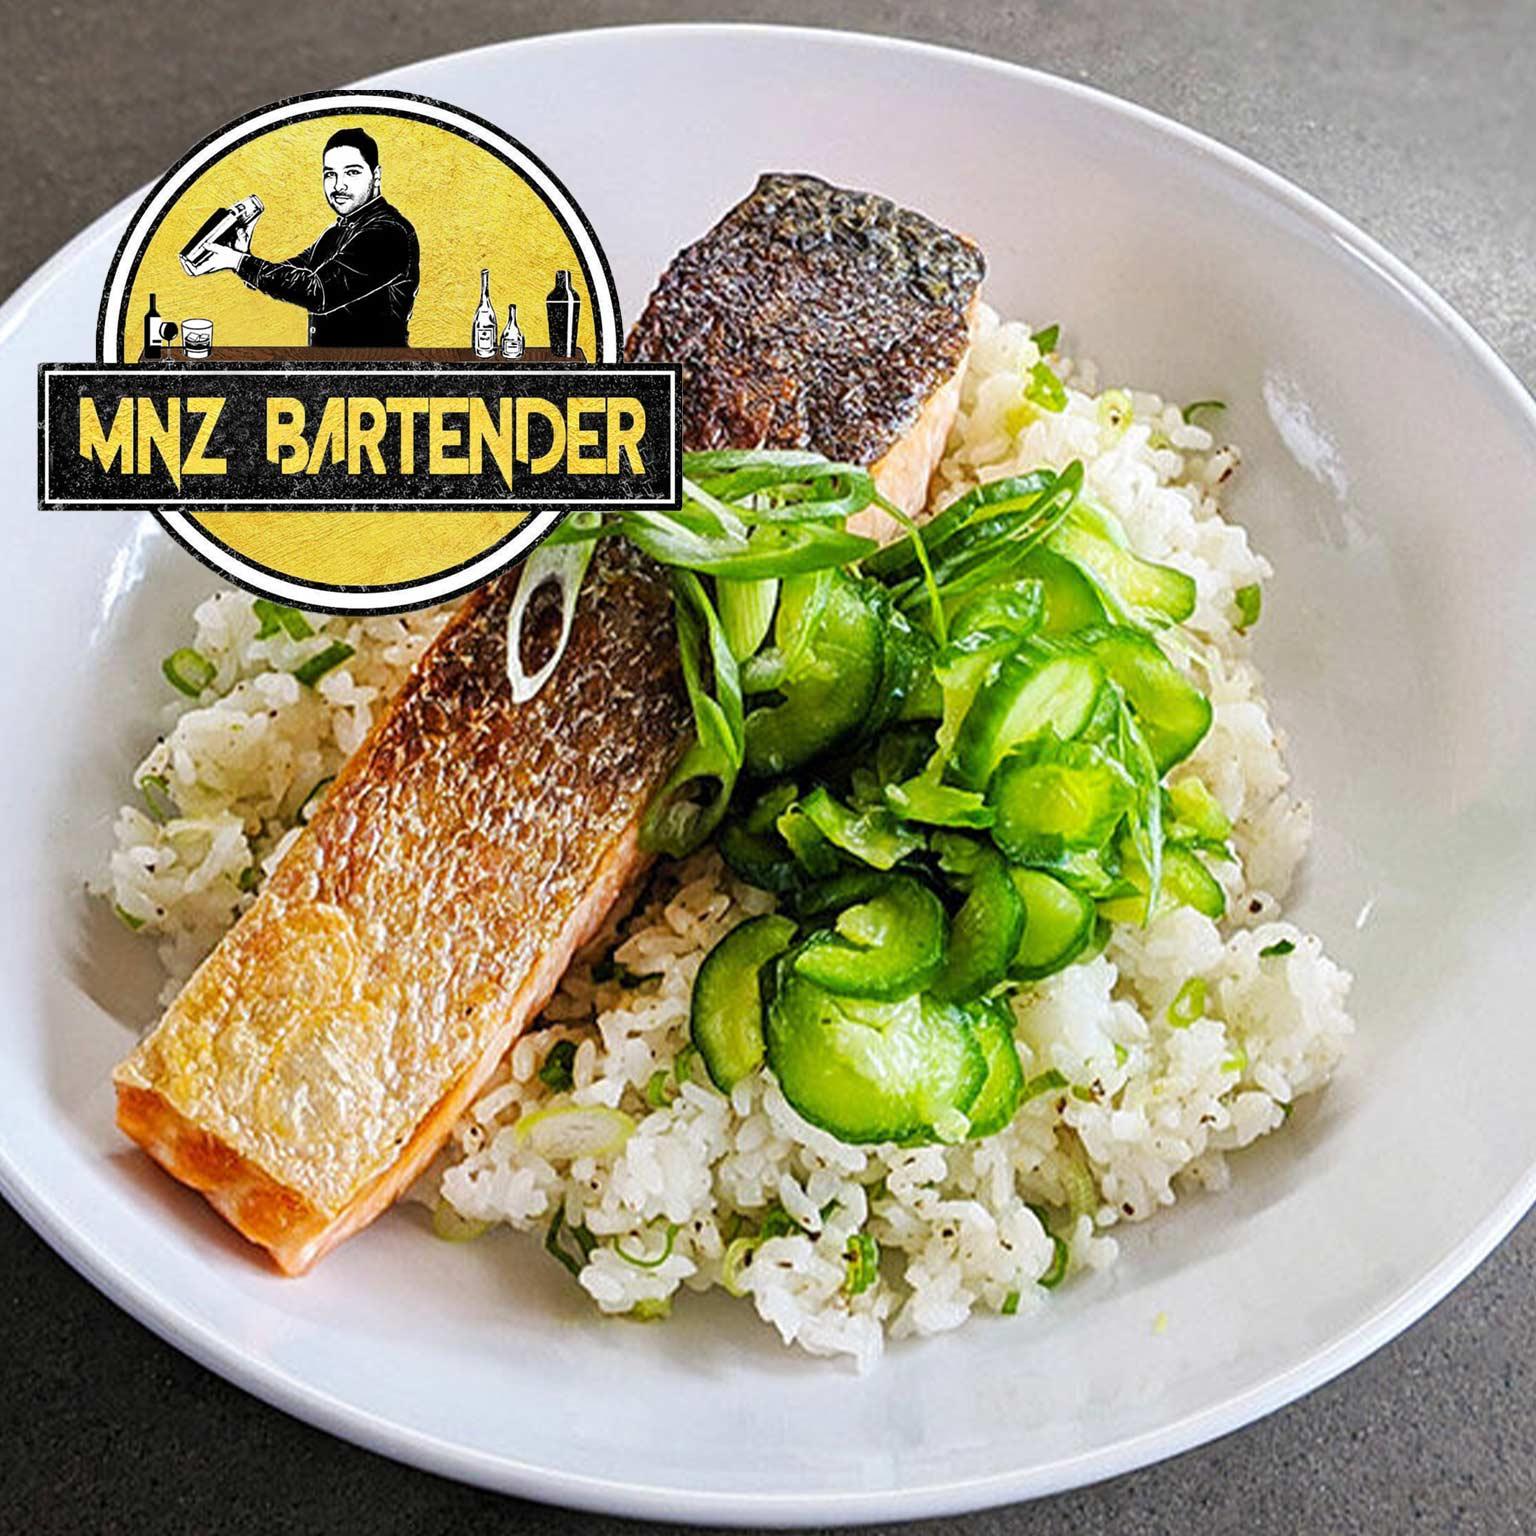 برای تهیه غذای رژیمی ماهی سالمون تند با نمک و فلفل دلمه و ترشی سرکه